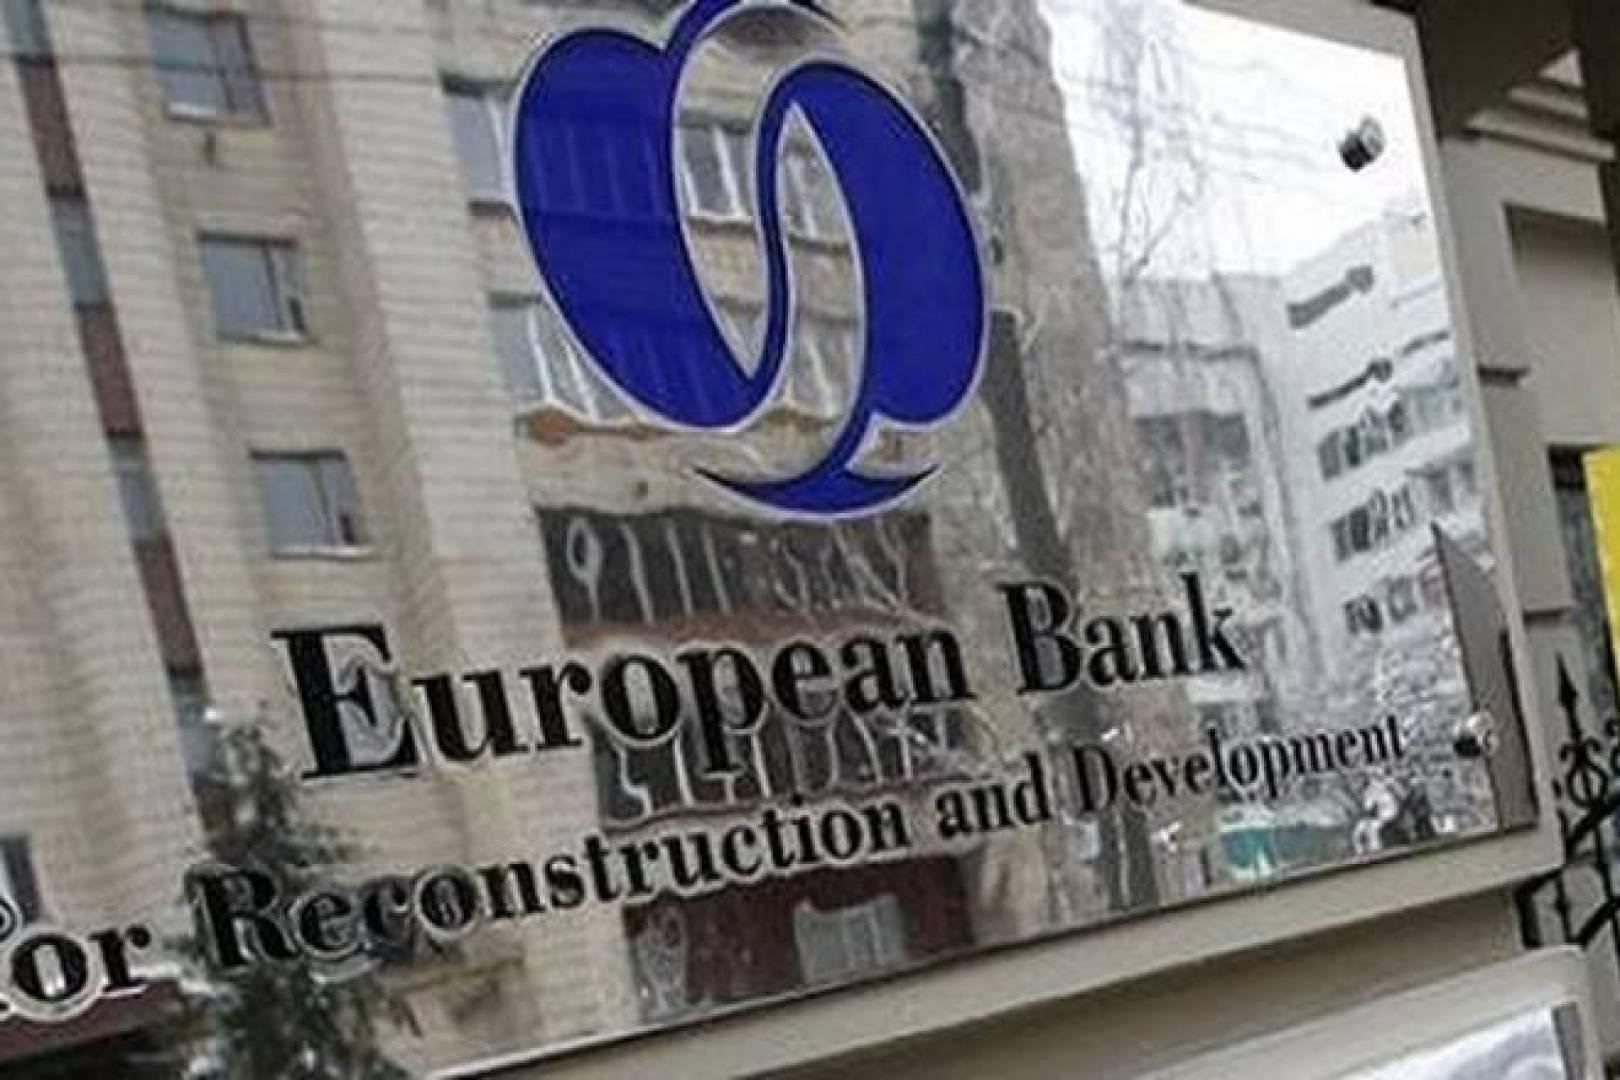 البنك الأوروبي لإعادة الإعمار : مصر تستحوذ على نصف استثماراتنا فى المنطقة العربية